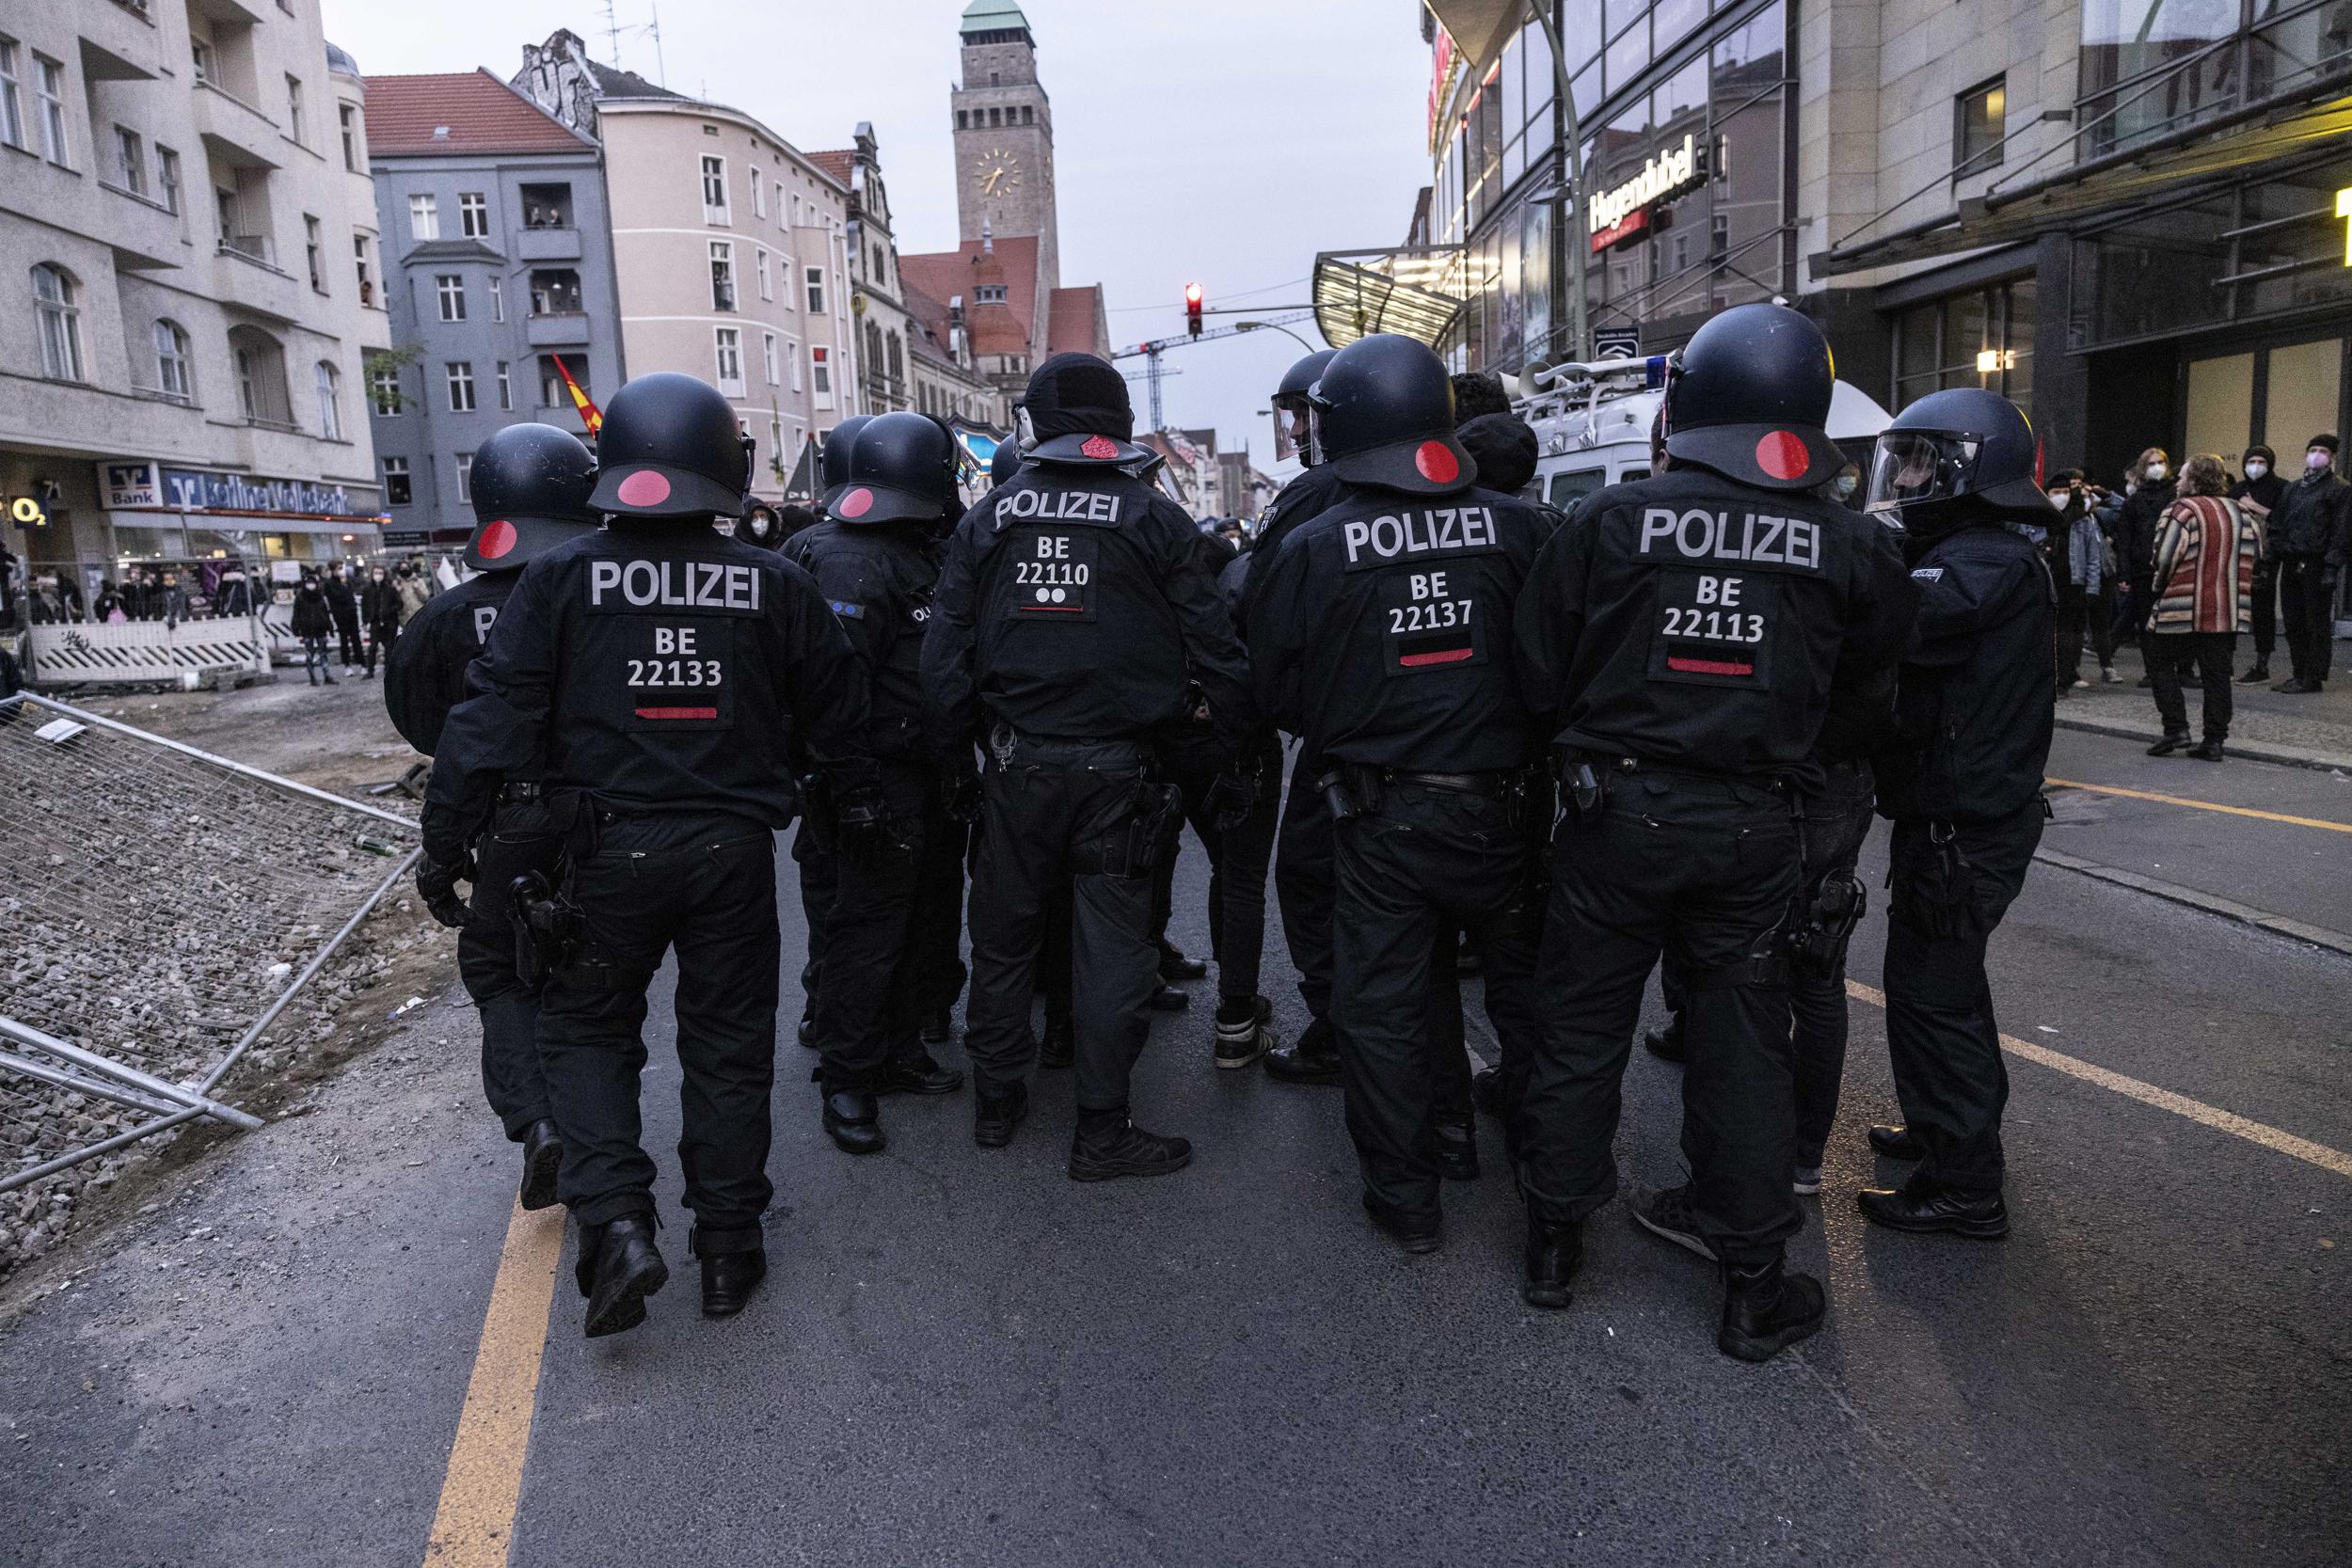 210503-germany-police-al-0951.jpg